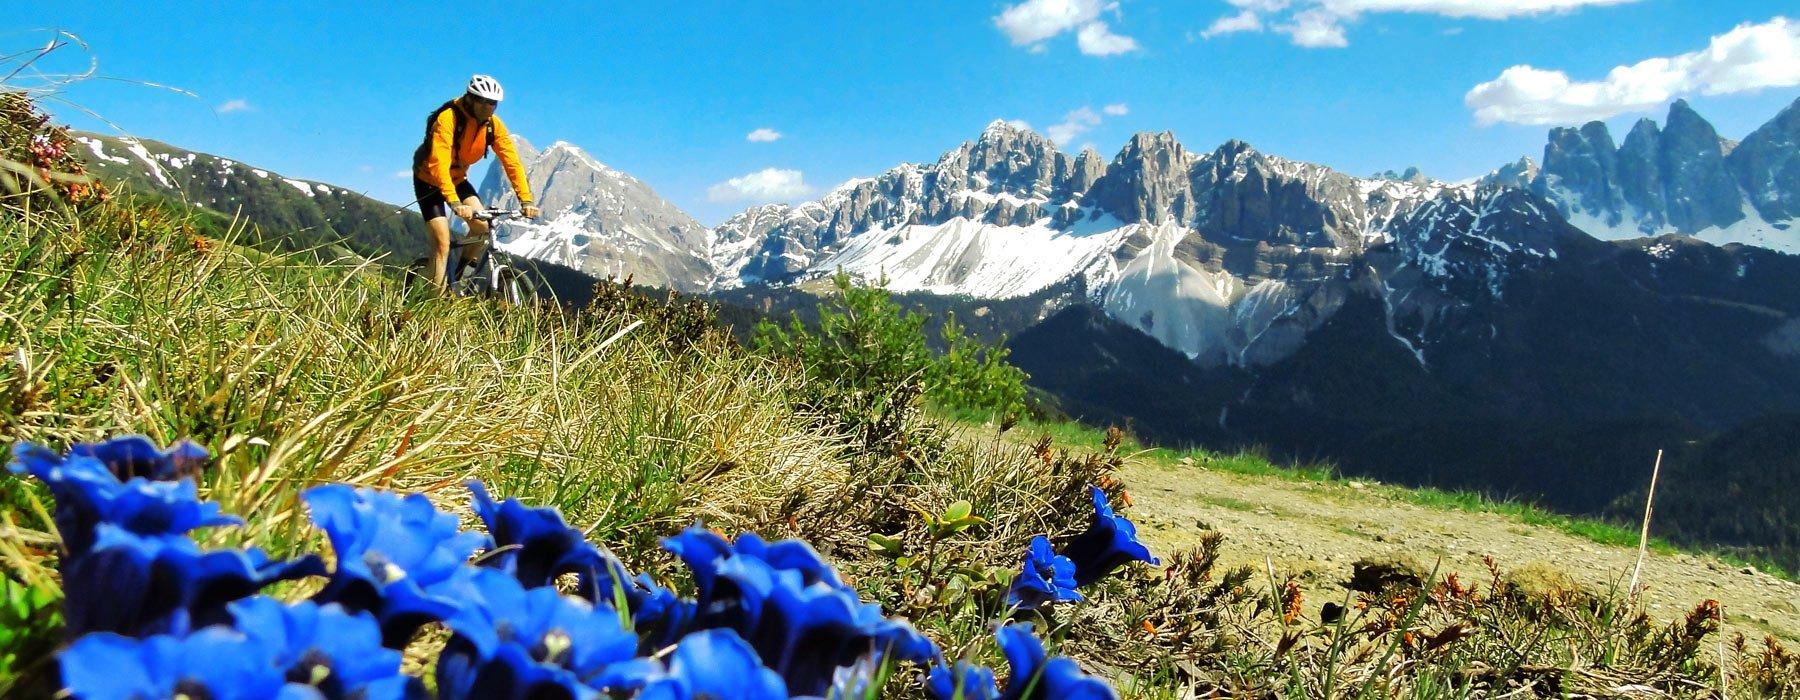 Pensione summererhof bressanone vacanze bressanone plose for Bressanone vacanze